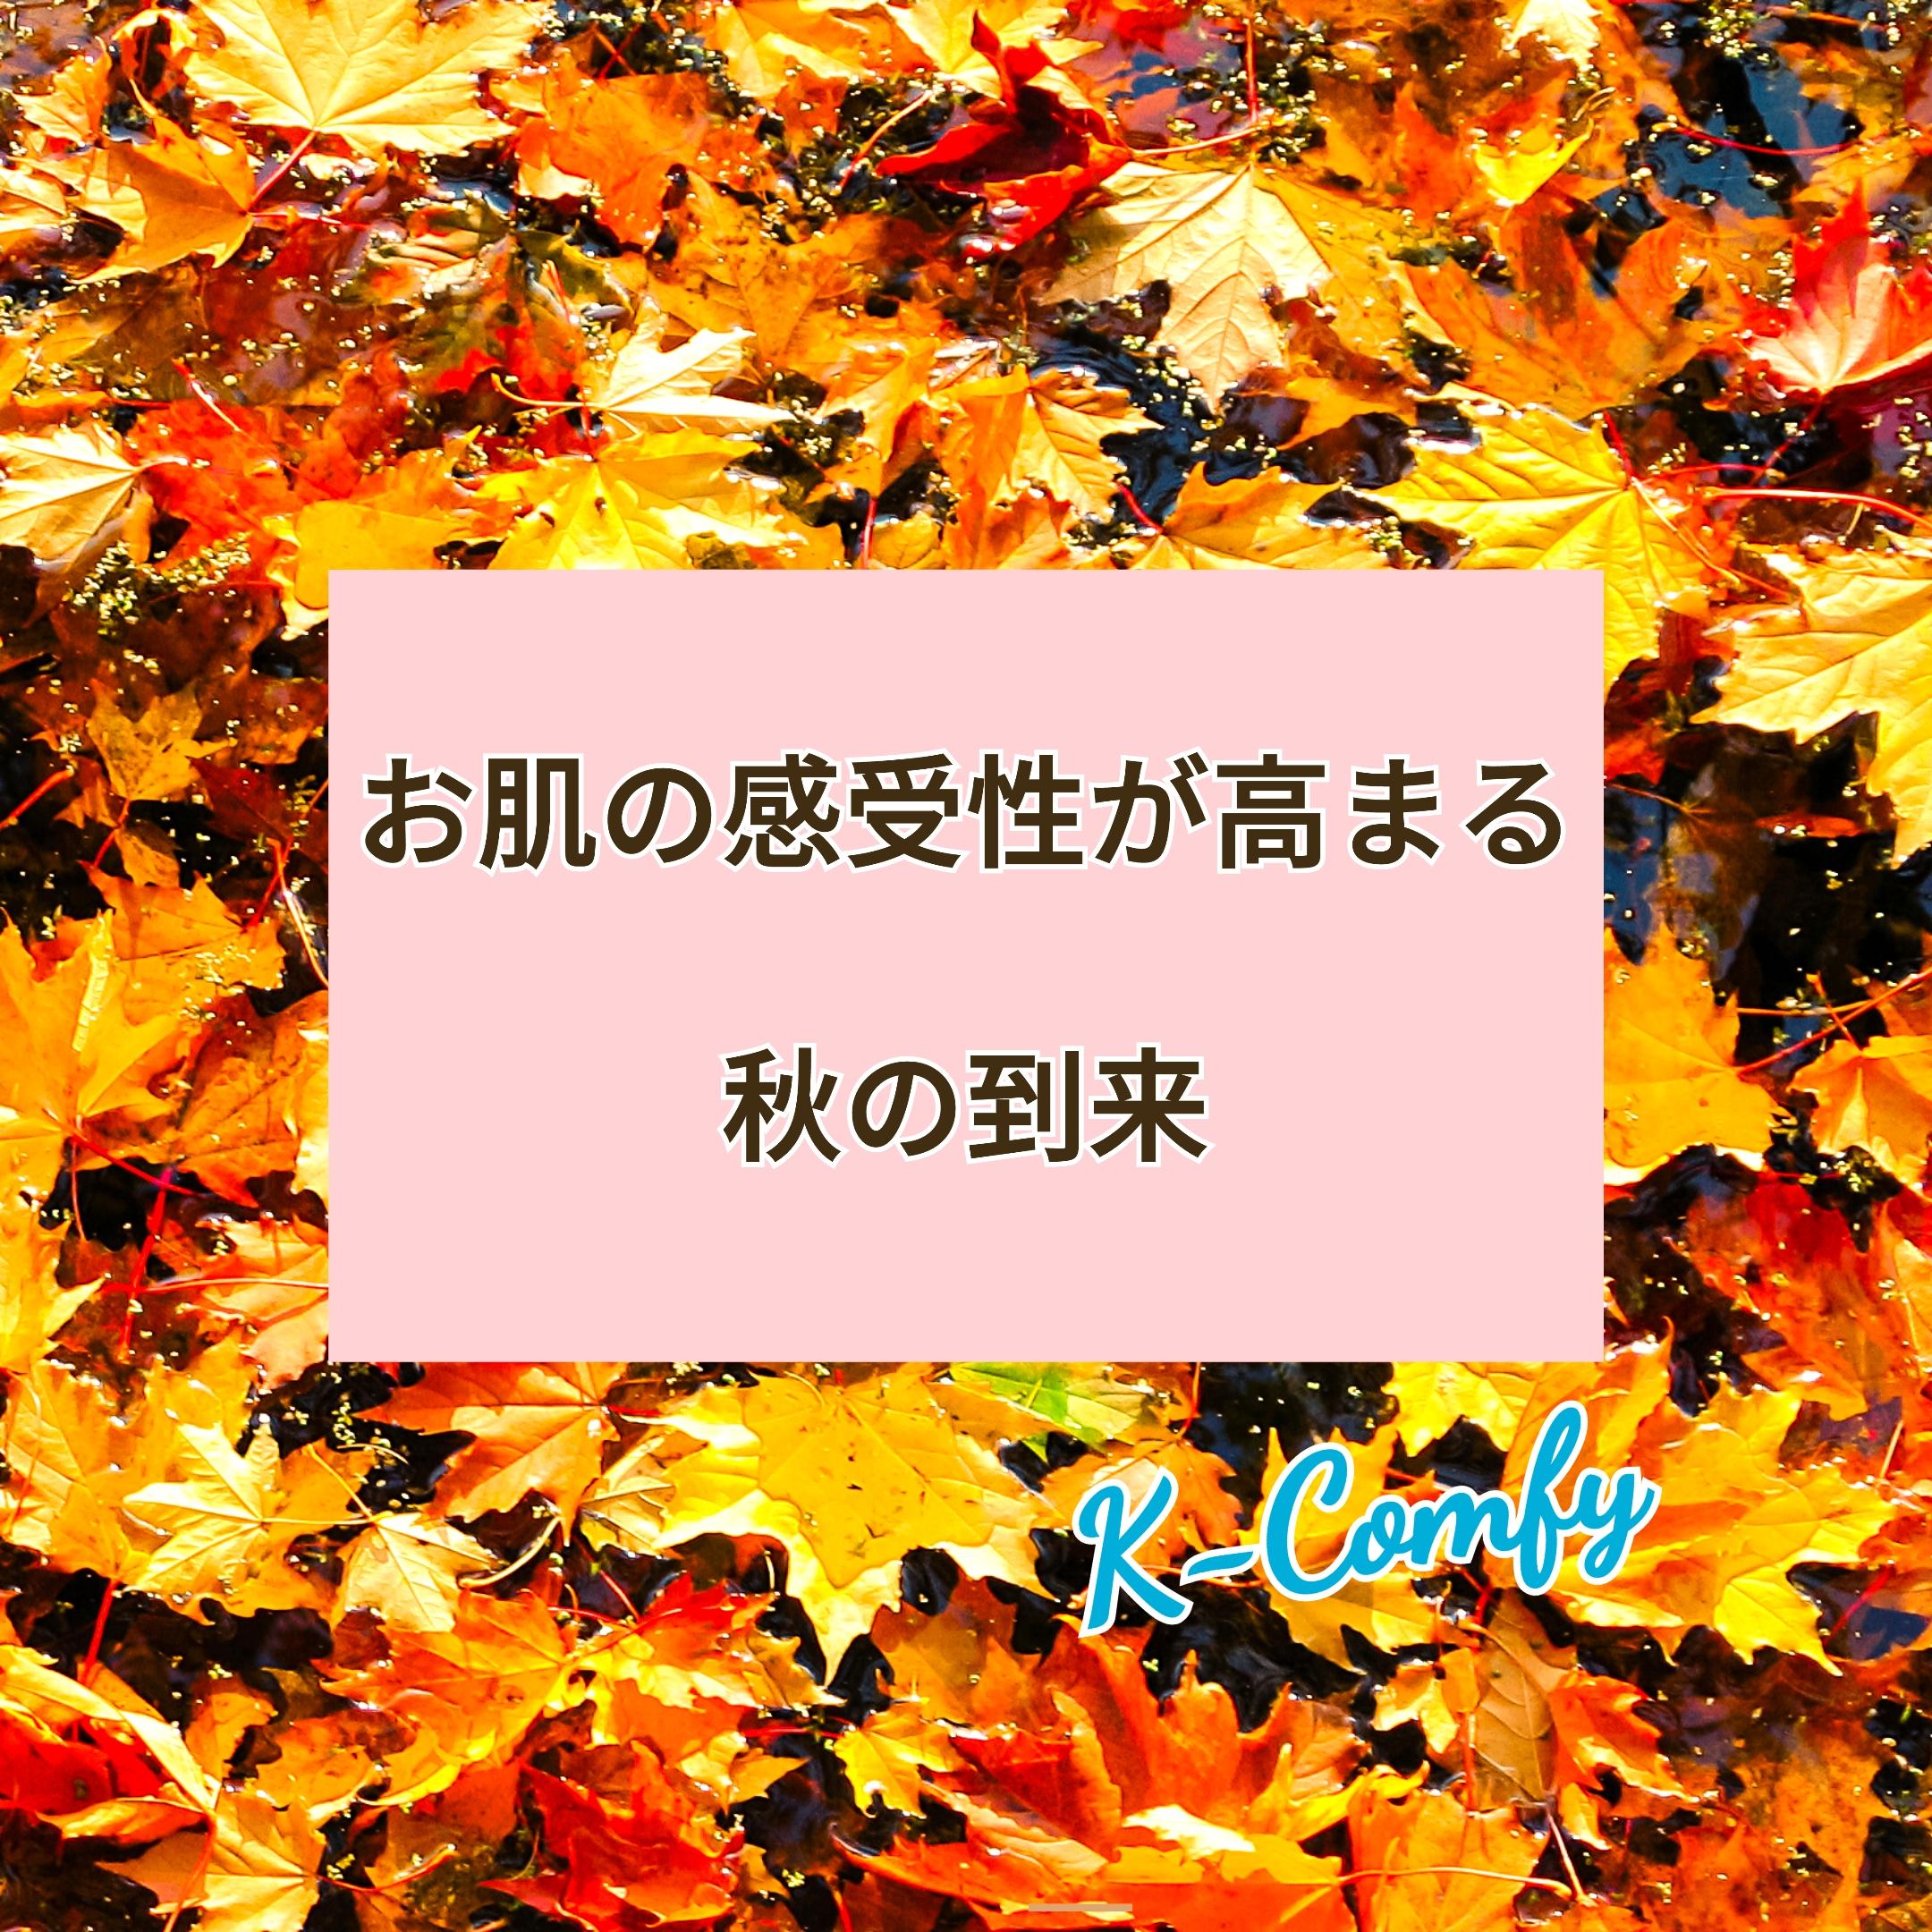 お肌の感受性が高まる秋の到来